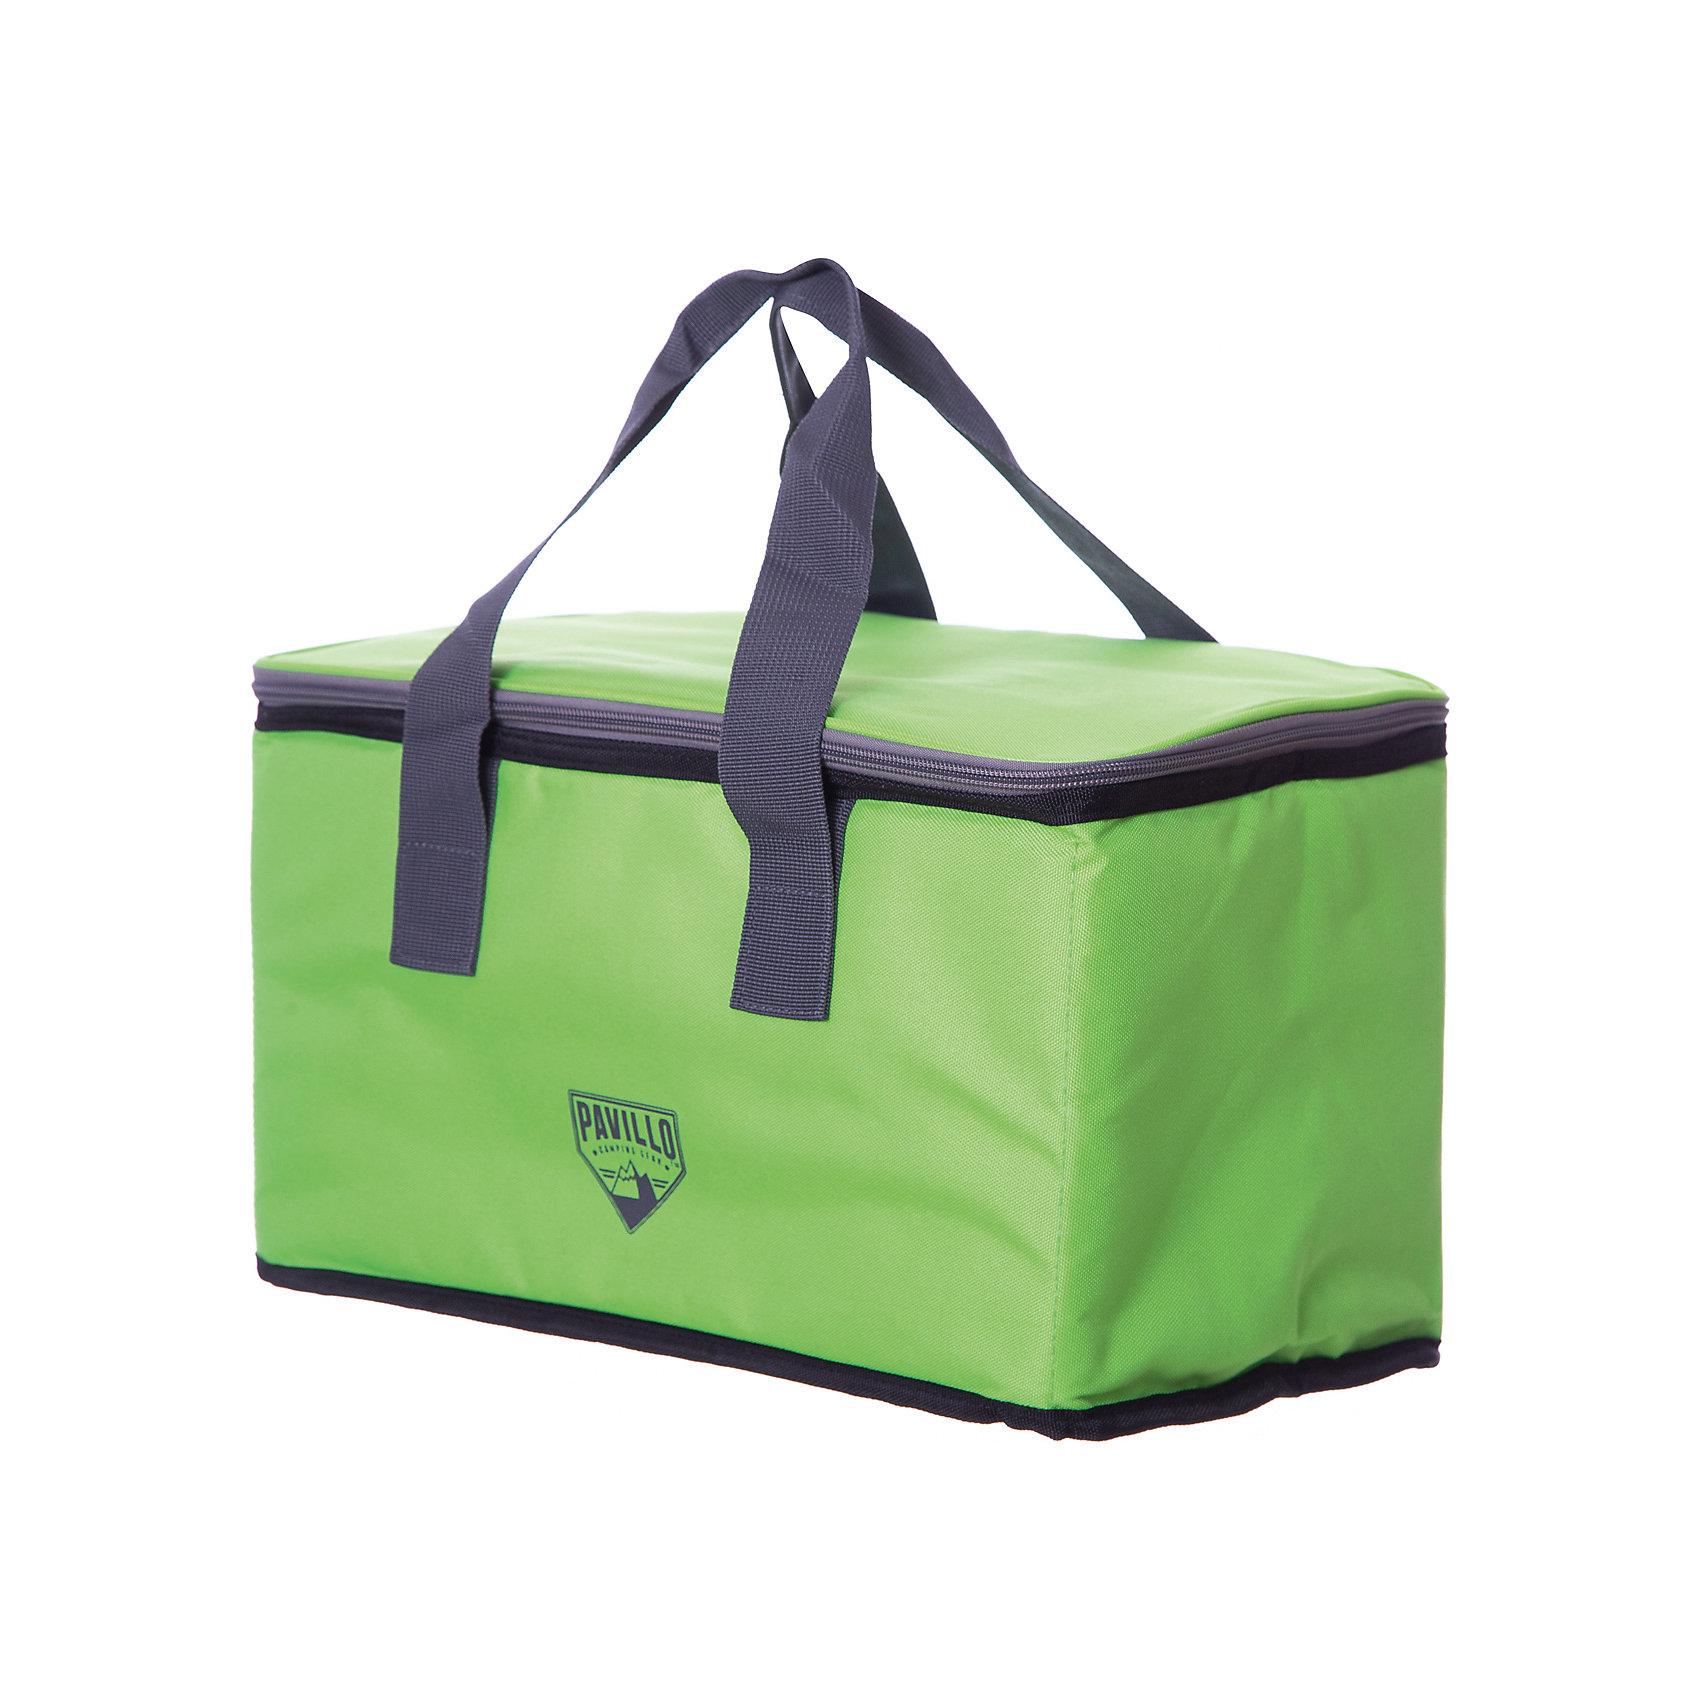 Термосумка 15 л Quellor (5 ч), BestwayДорожные сумки и чемоданы<br>Характеристики товара:<br><br>• материал: полимер<br>• цвет: зеленый<br>• размер: 19х35х20 см<br>• легкий прочный материал<br>• объем: 15 л<br>• вес: 0,34 кг<br>• походный вариант<br>• многослойный износостойкий материал<br>• легкая и удобная<br>• страна бренда: США, Китай<br>• страна производства: Китай<br><br>Сумка сделана из многослойного материала, который позволяет сохранить температуру продуктов при отсутствии холодильника в течение 5 часов - это очень практично и удобно. <br><br>Предмет сделан из прочного материала, но очень легкого. Он мало весит, небольшой в сложенном виде, его удобно брать с собой. Изделие произведено из качественных и безопасных для детей материалов.<br><br>Термосумку 15 л Quellor (5 ч), от бренда Bestway (Бествей) можно купить в нашем интернет-магазине.<br><br>Ширина мм: 500<br>Глубина мм: 250<br>Высота мм: 200<br>Вес г: 340<br>Возраст от месяцев: 108<br>Возраст до месяцев: 1188<br>Пол: Унисекс<br>Возраст: Детский<br>SKU: 4632831